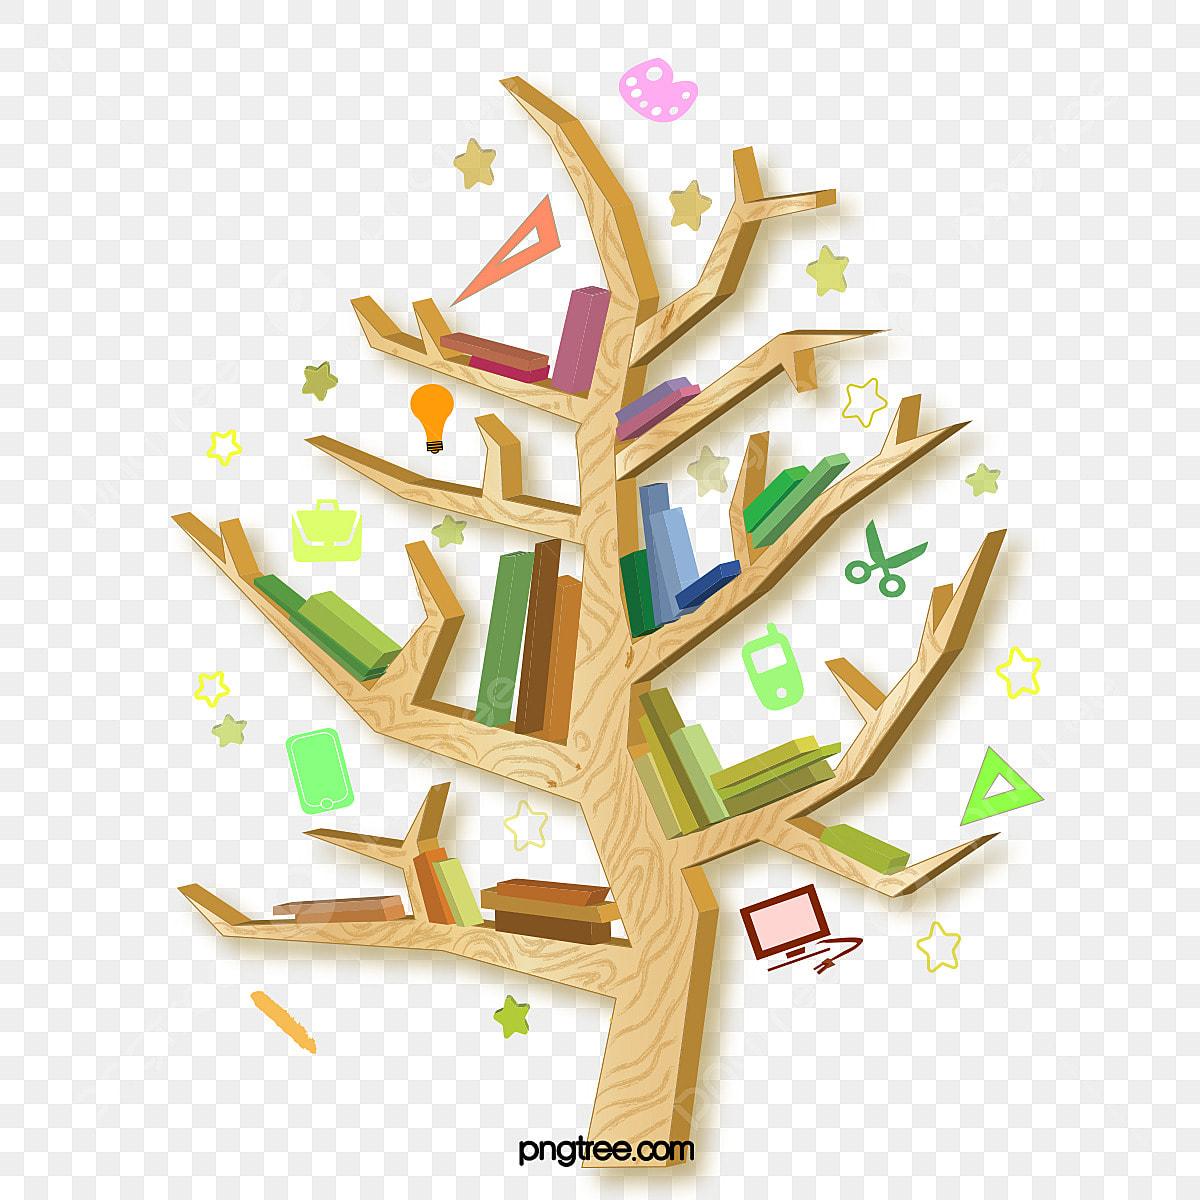 Arvore Da Sabedoria Estante Da Arvore Do Conhecimento Elementos Do Vetor De Livro De Madeira Livro Estante De Livros Estude Imagem Png E Vetor Para Download Gratuito